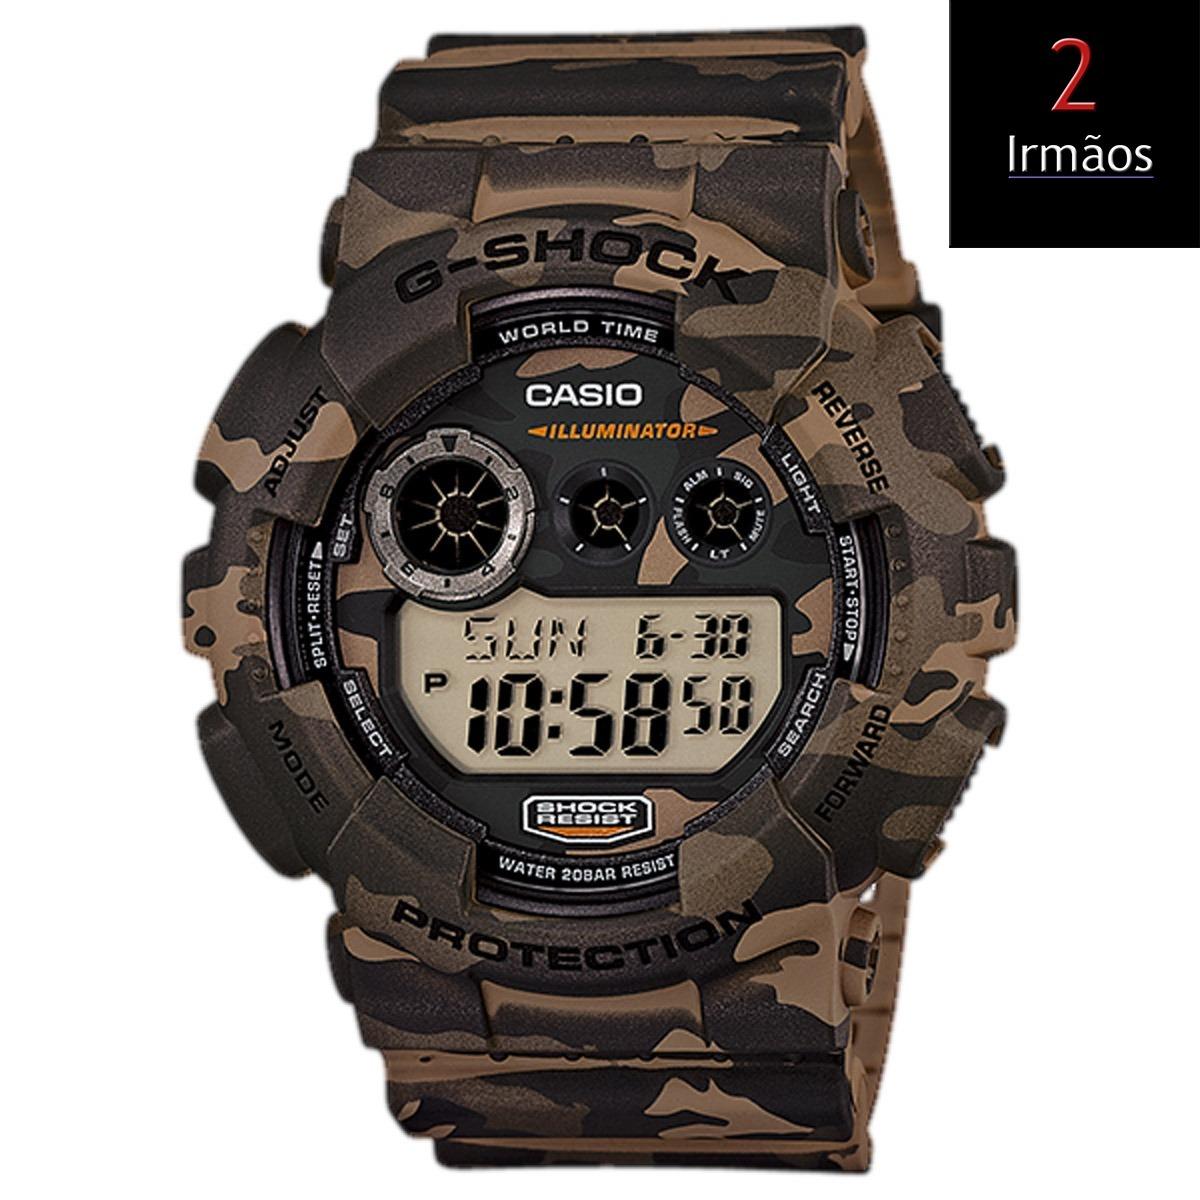 10486759b71 relógio casio g-shock camuflado masculino gd-120cm-5dr. Carregando zoom.